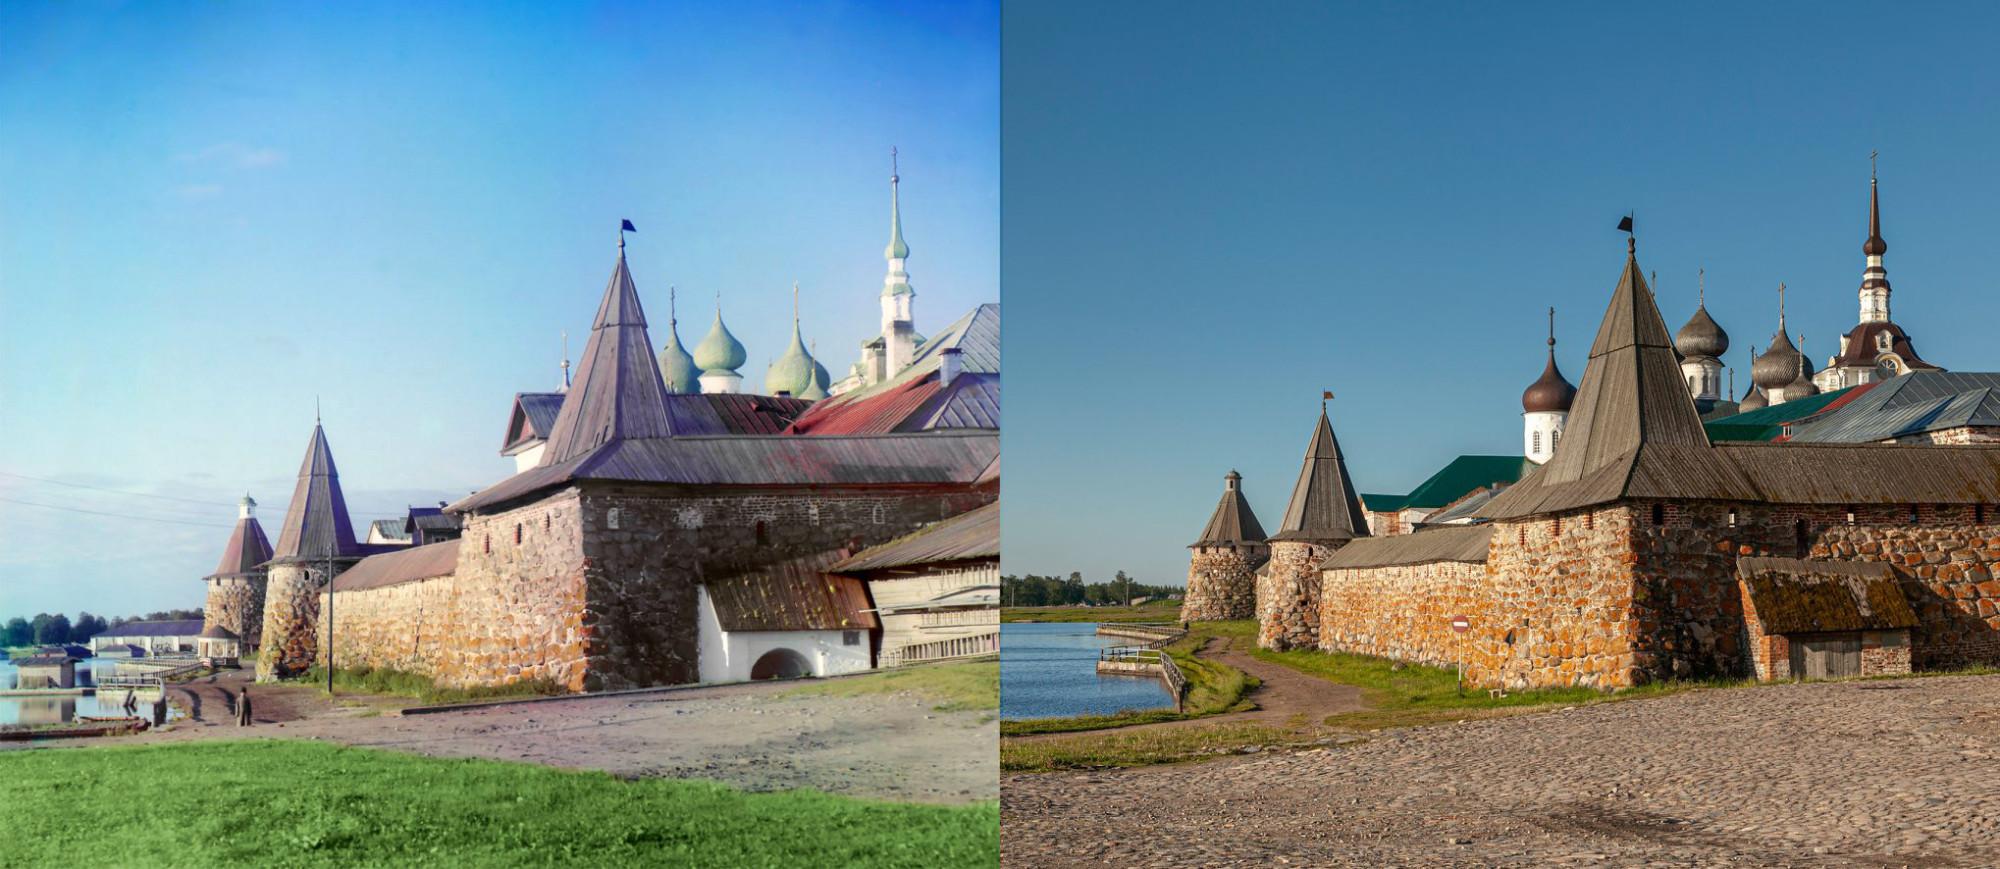 Вид на восточную стену монастыря, слева - Святое озеро.1916-2012. Георгий Башкин2